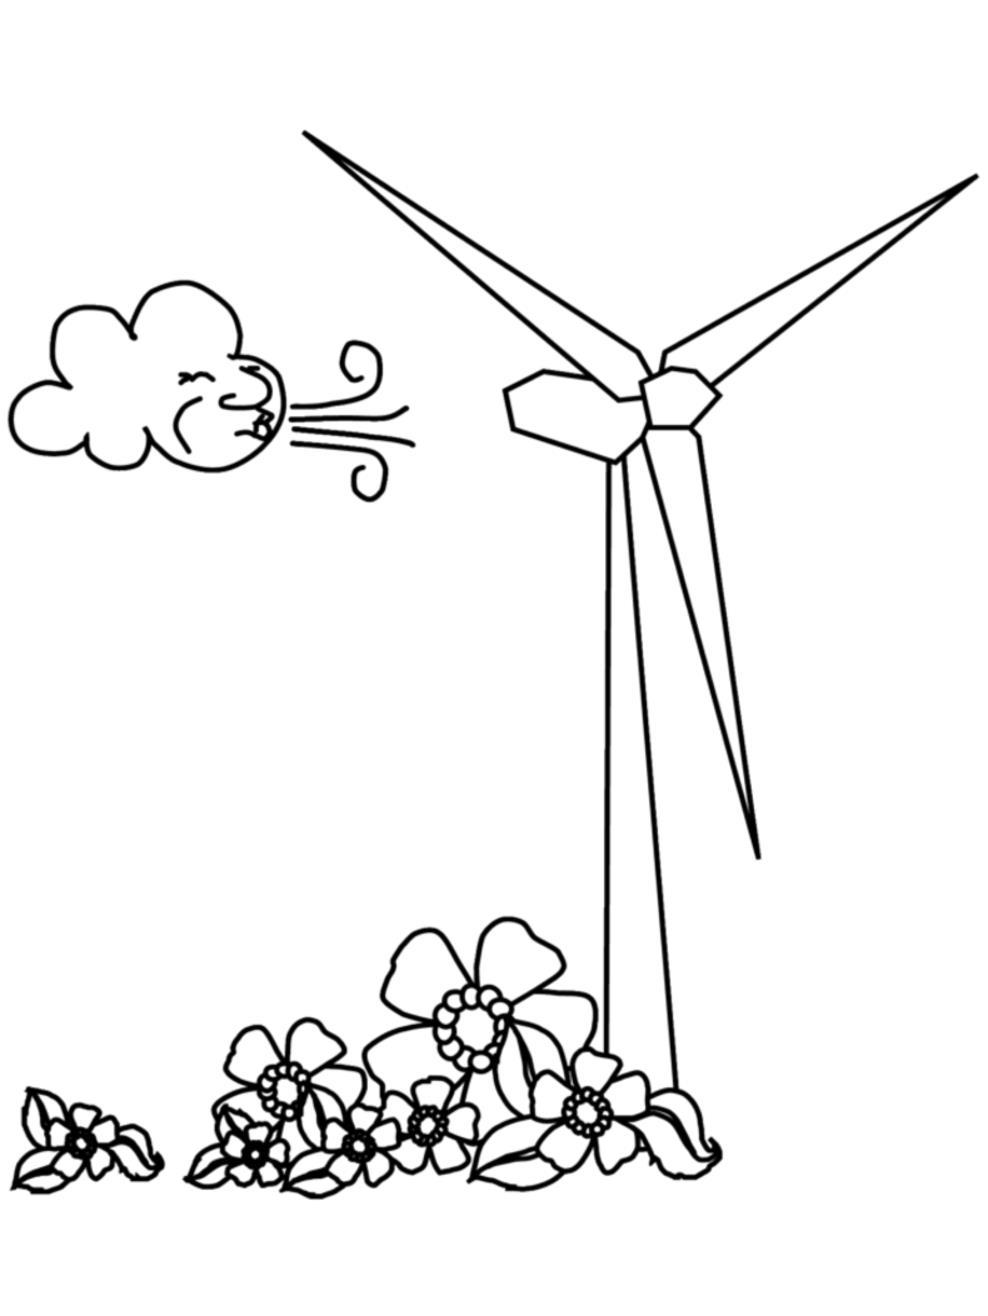 обучающие раскраски ветряная мельница